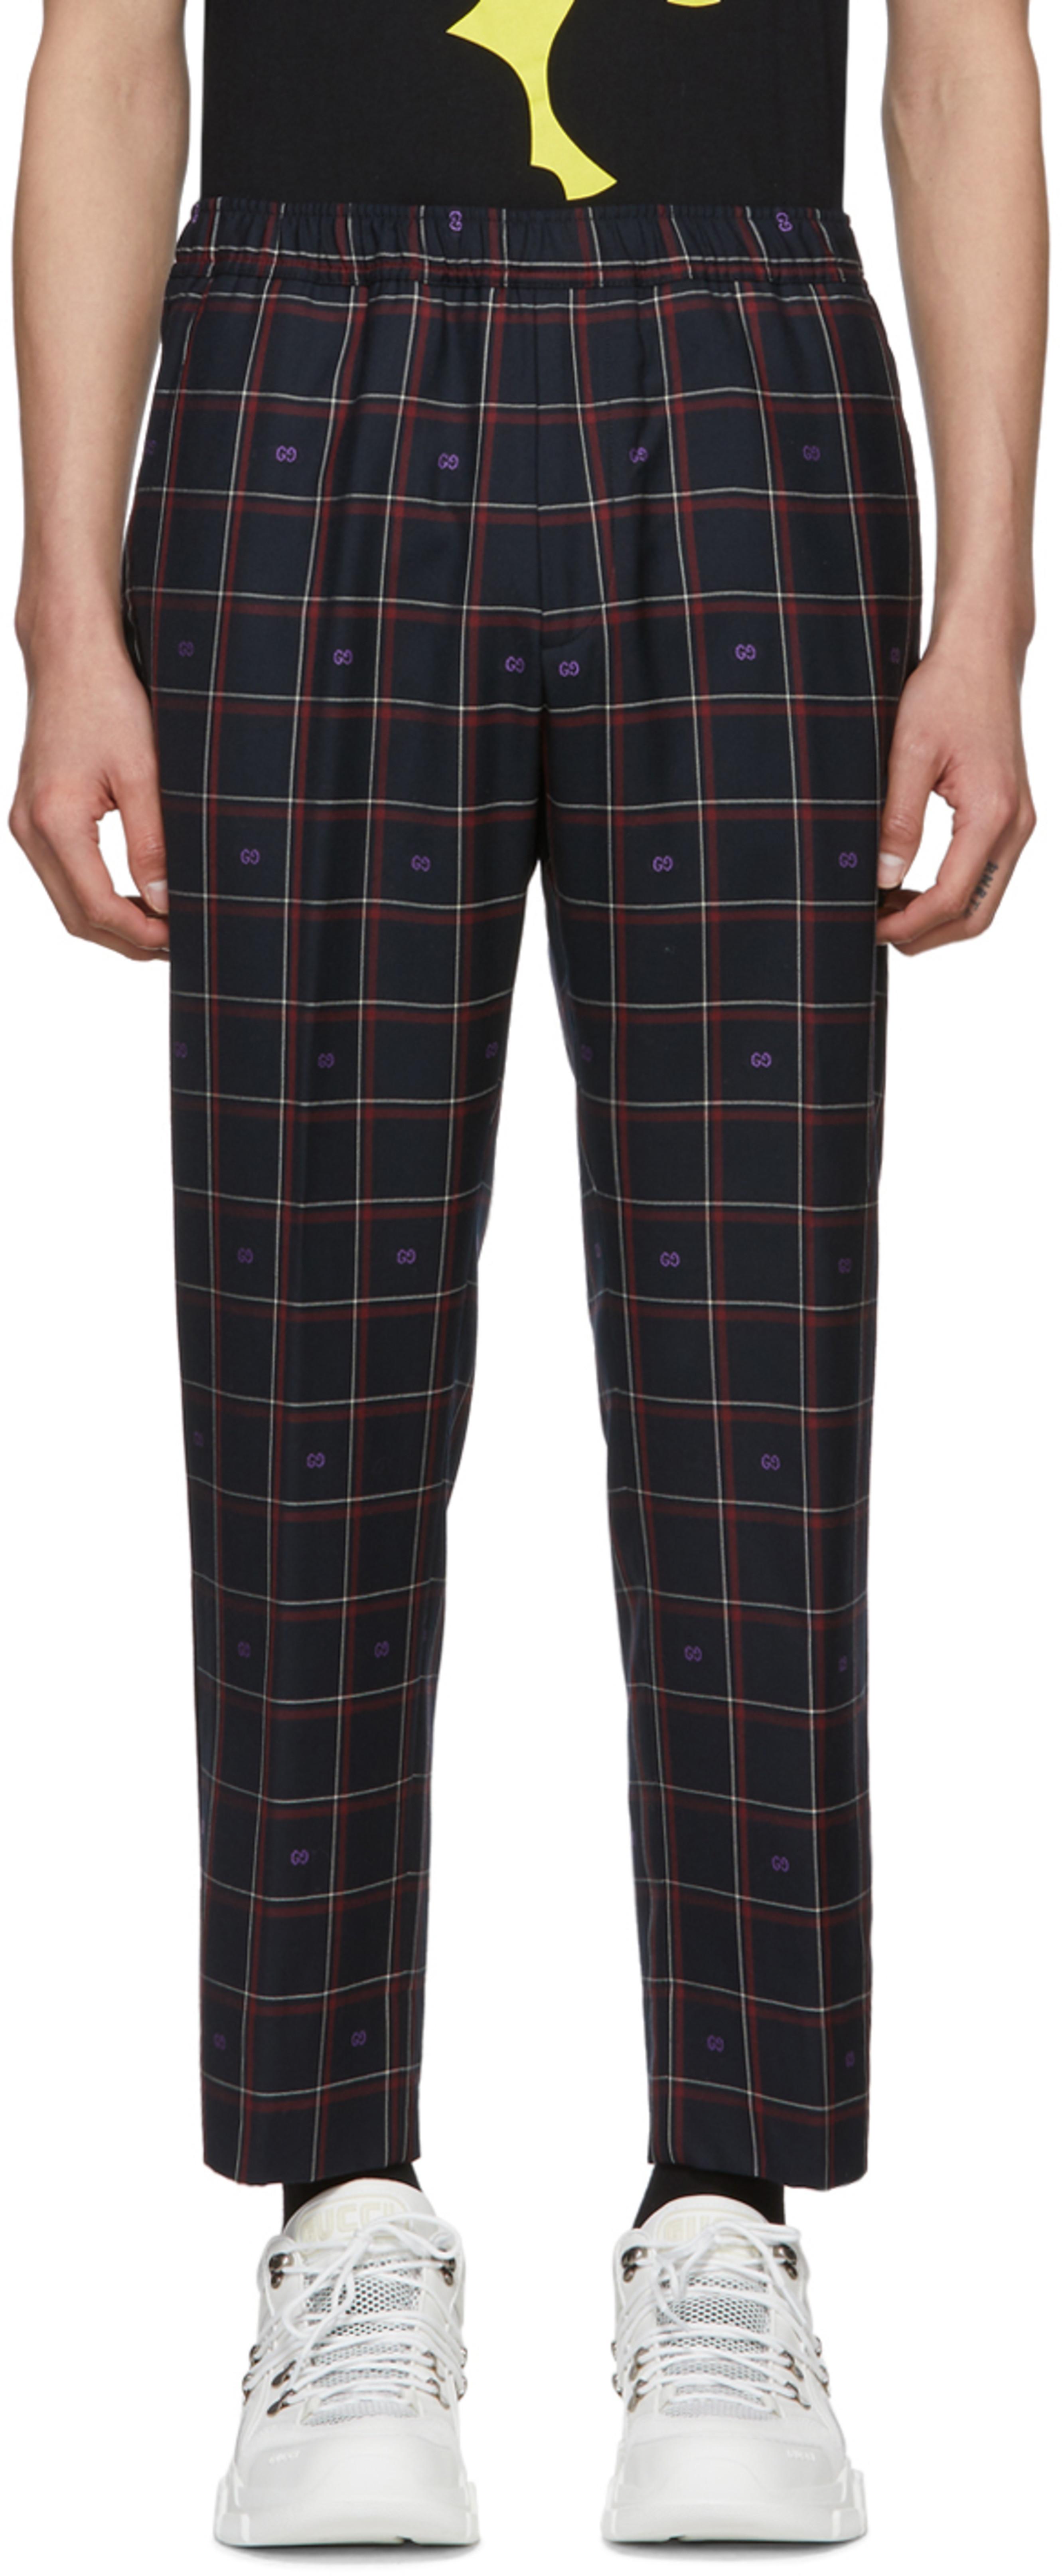 7c0a66572593c Gucci pants for Men